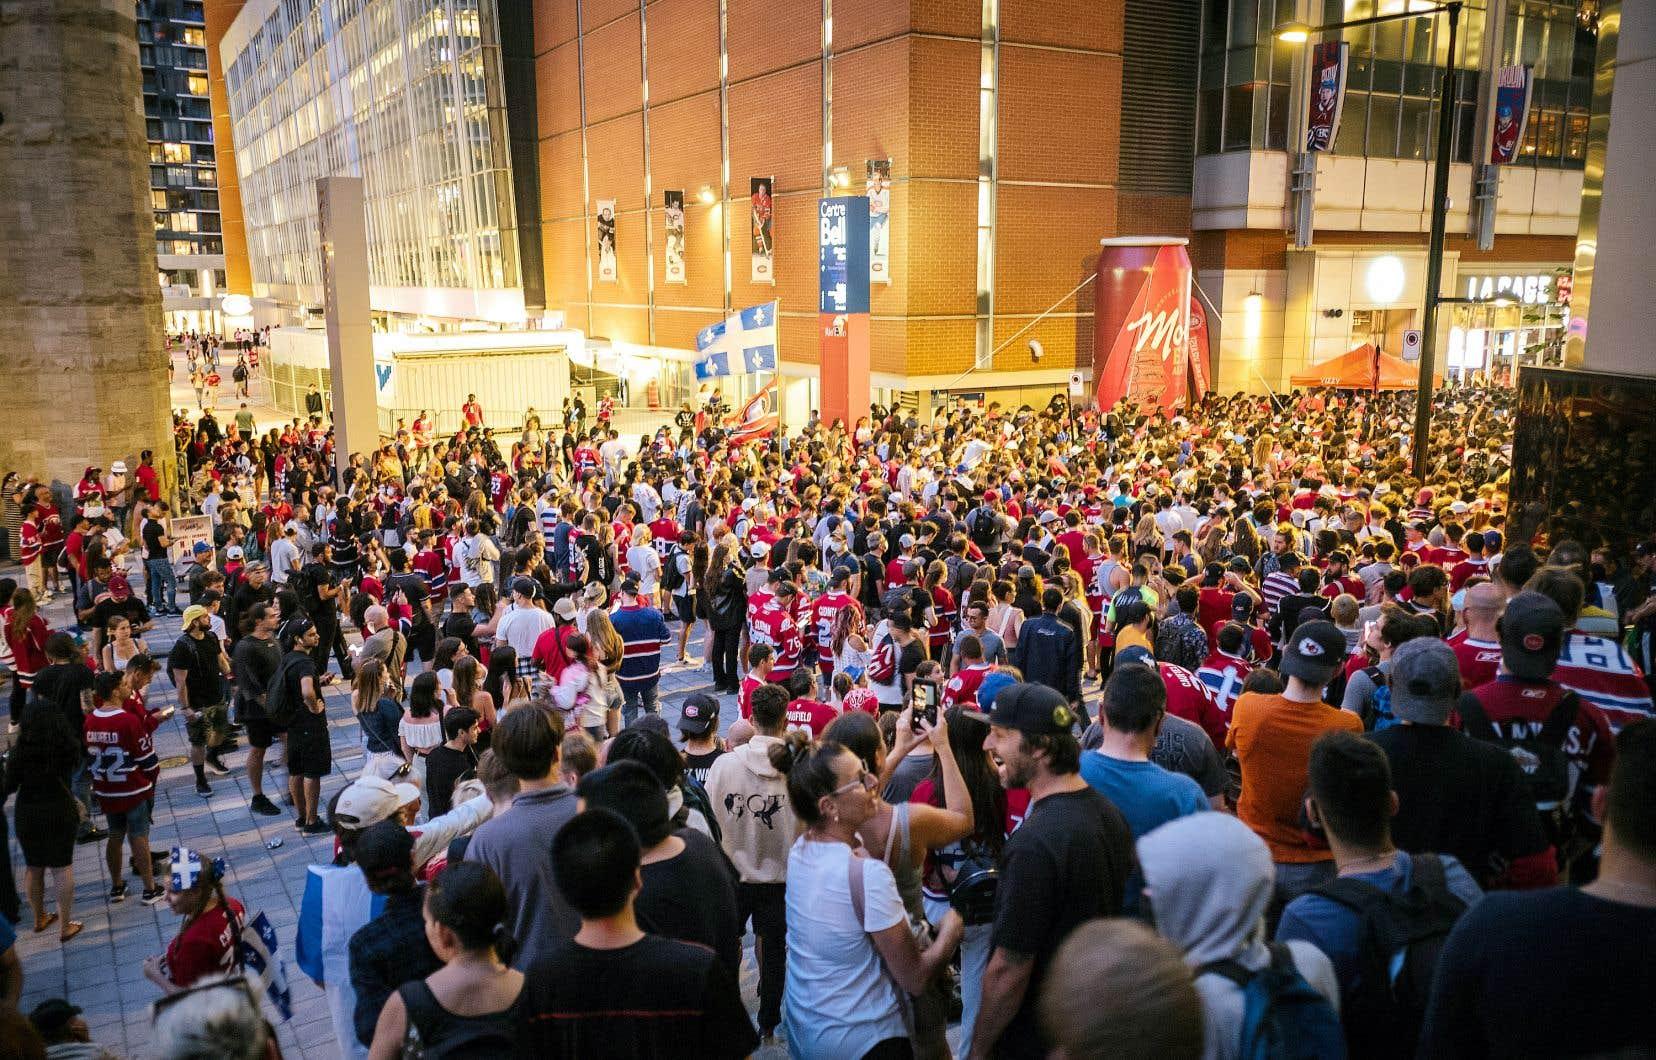 Depuis le début des séries éliminatoires, des rassemblements se sont organisés devant le Centre Bell, où des centaines de partisans tentent chaque soir de match d'apercevoir les parties à la télévision à travers les fenêtres des restaurants du secteur.